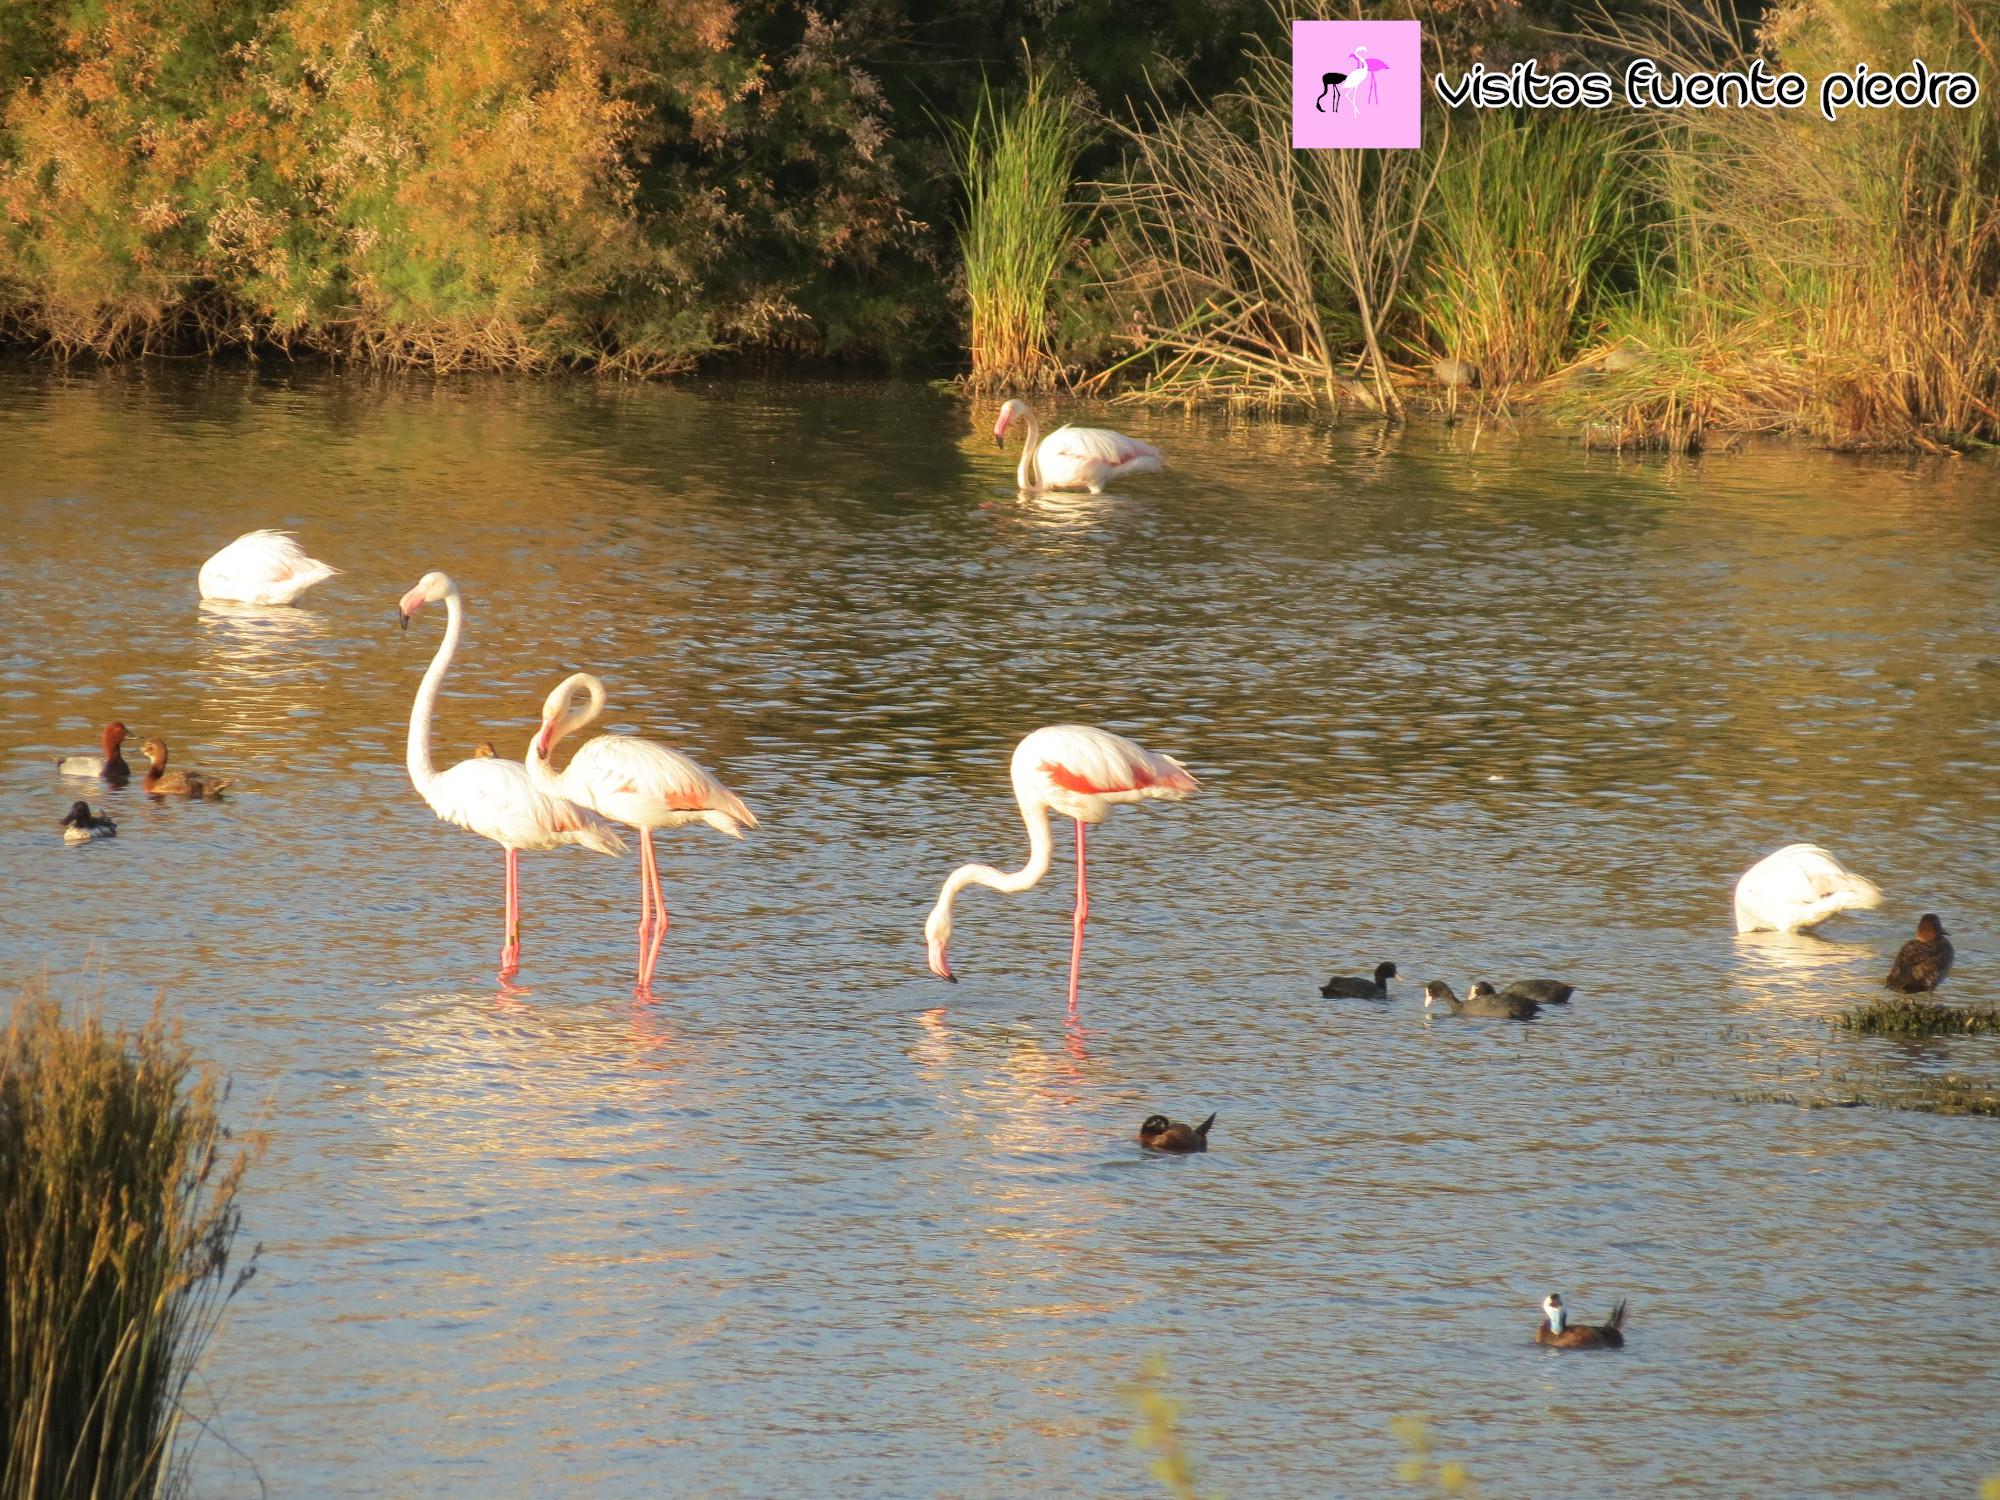 Diversidad de aves en la laguna, Junio de 2020